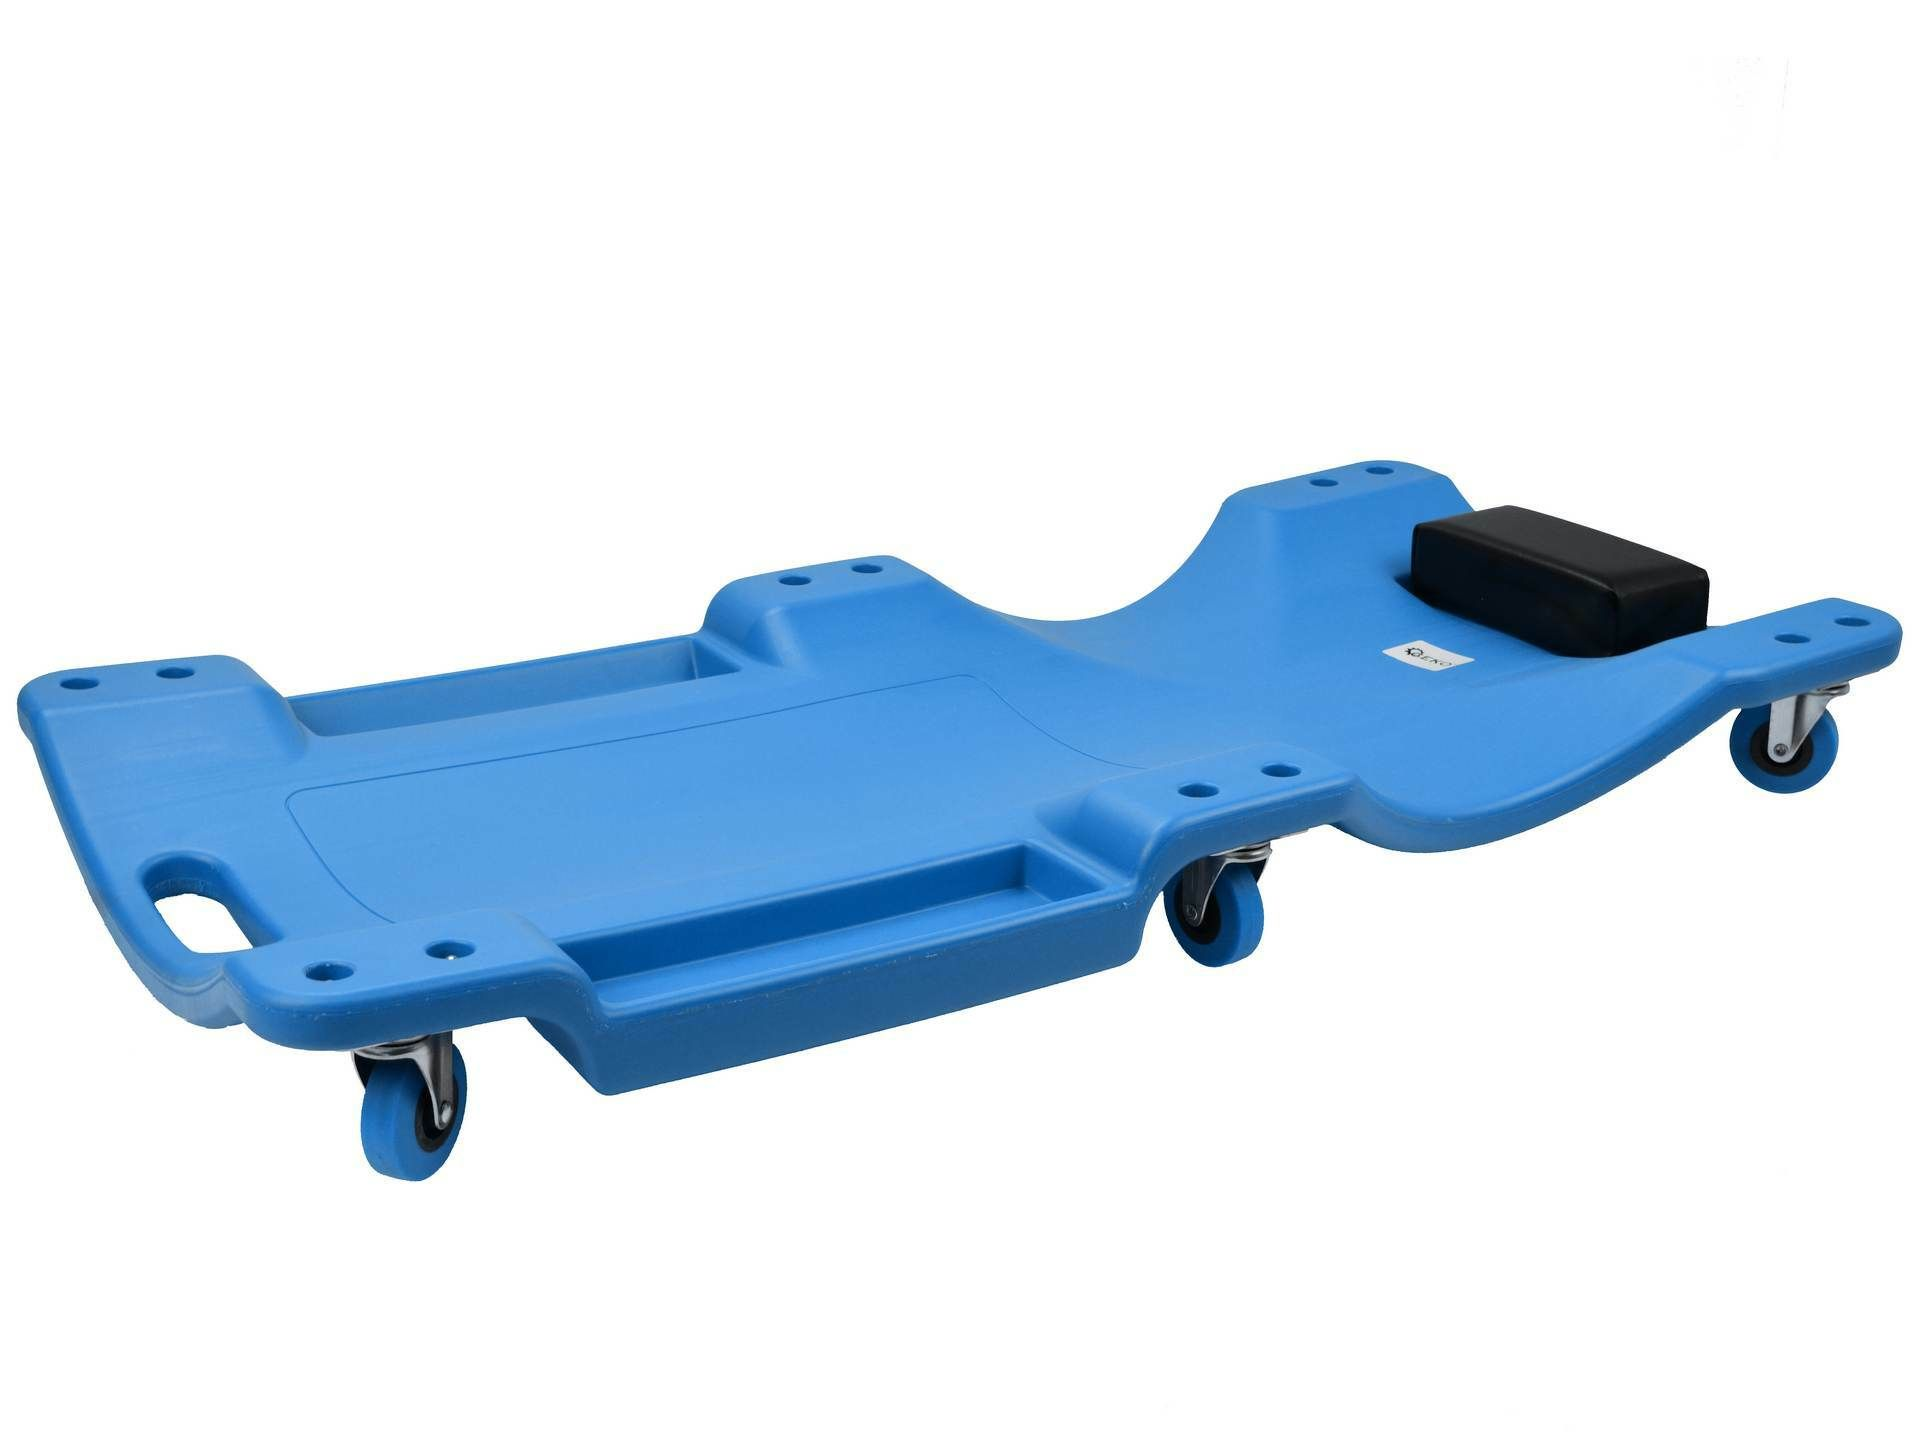 Plastové lehátko, 99,5x46,7x10,5cm, 6 kol - bez krabice GEKO